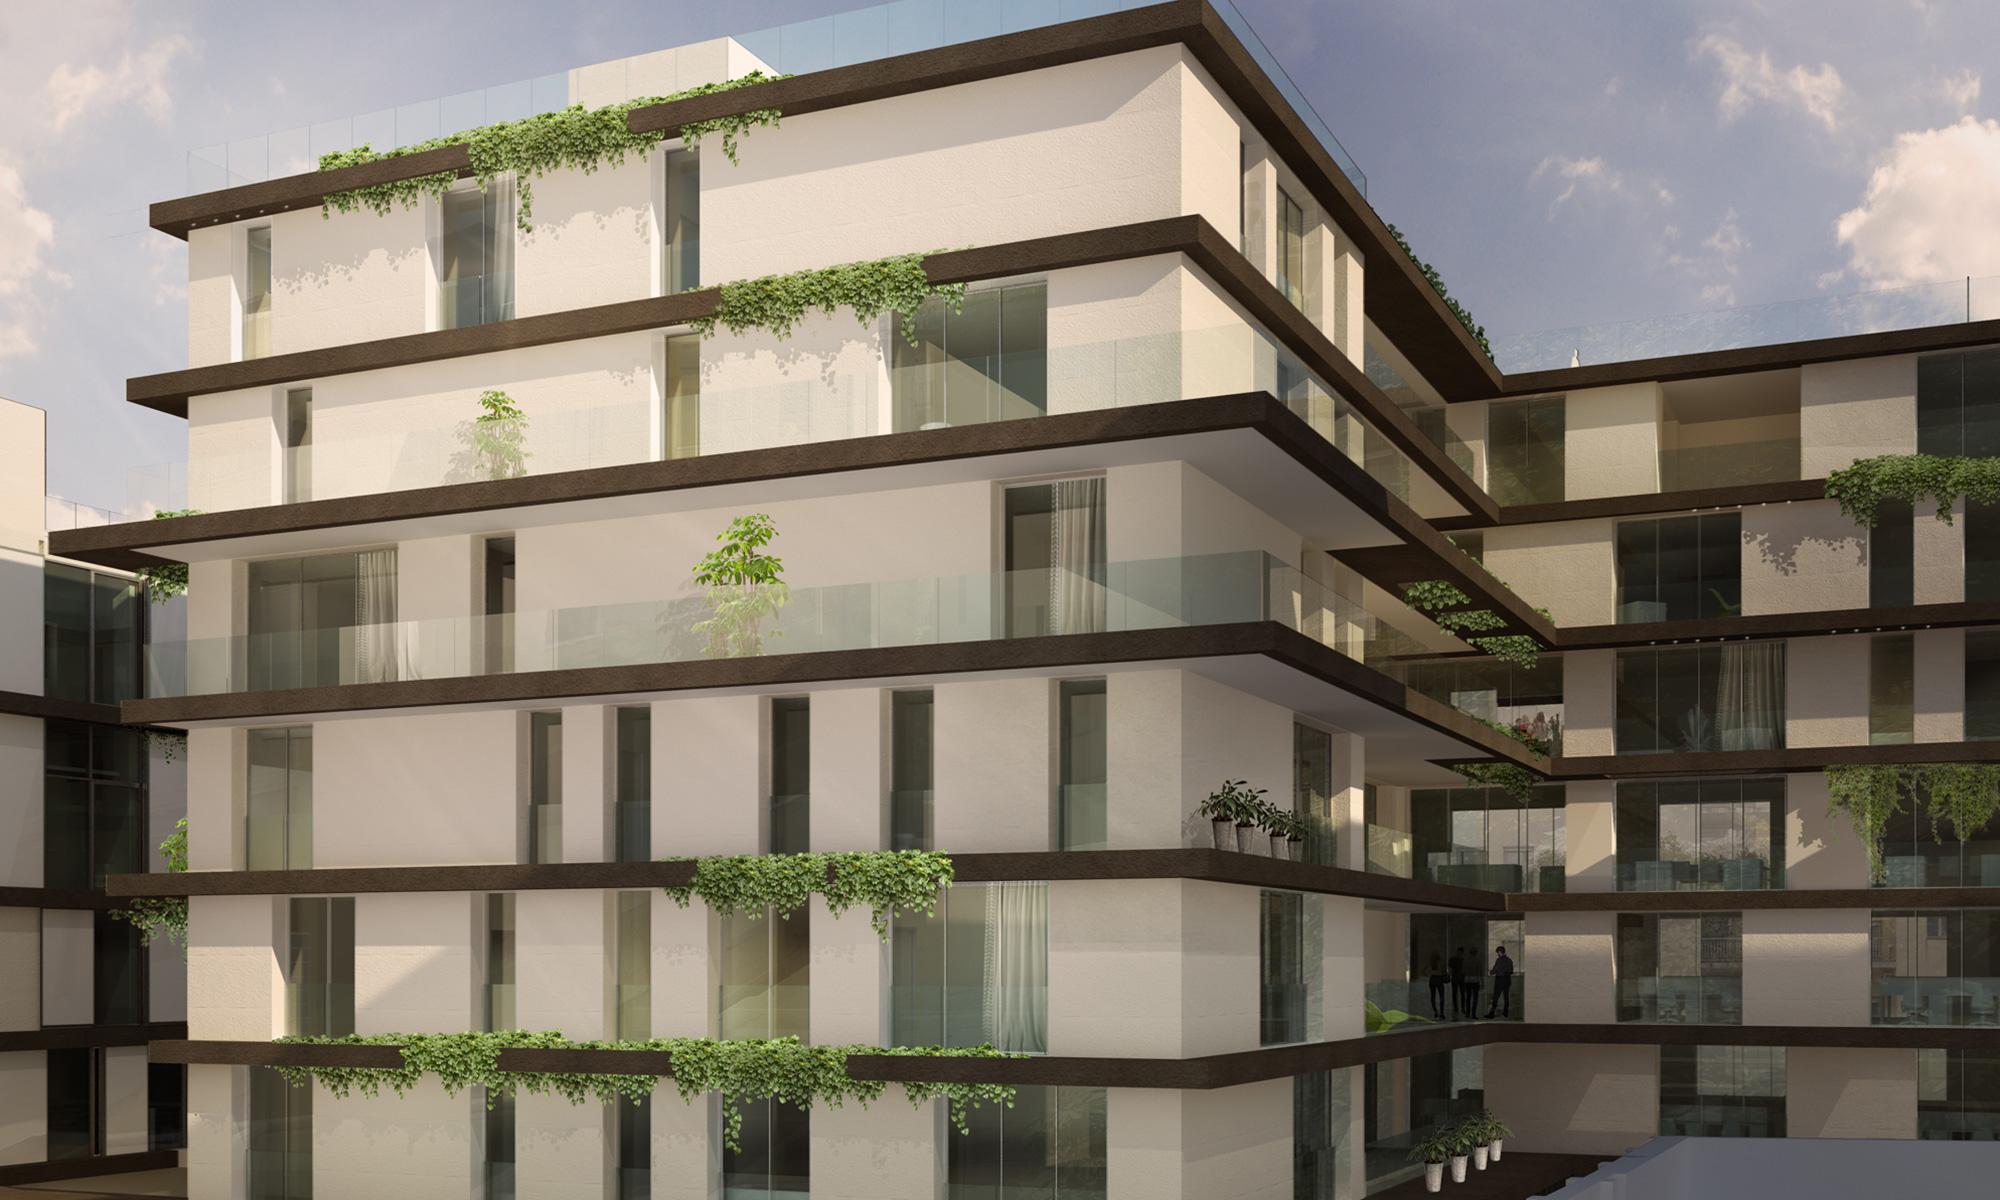 Architetto Sara Galeazzi, Via Lamarmora, Milano, Binini Partners, Società di architettura e ingegneria